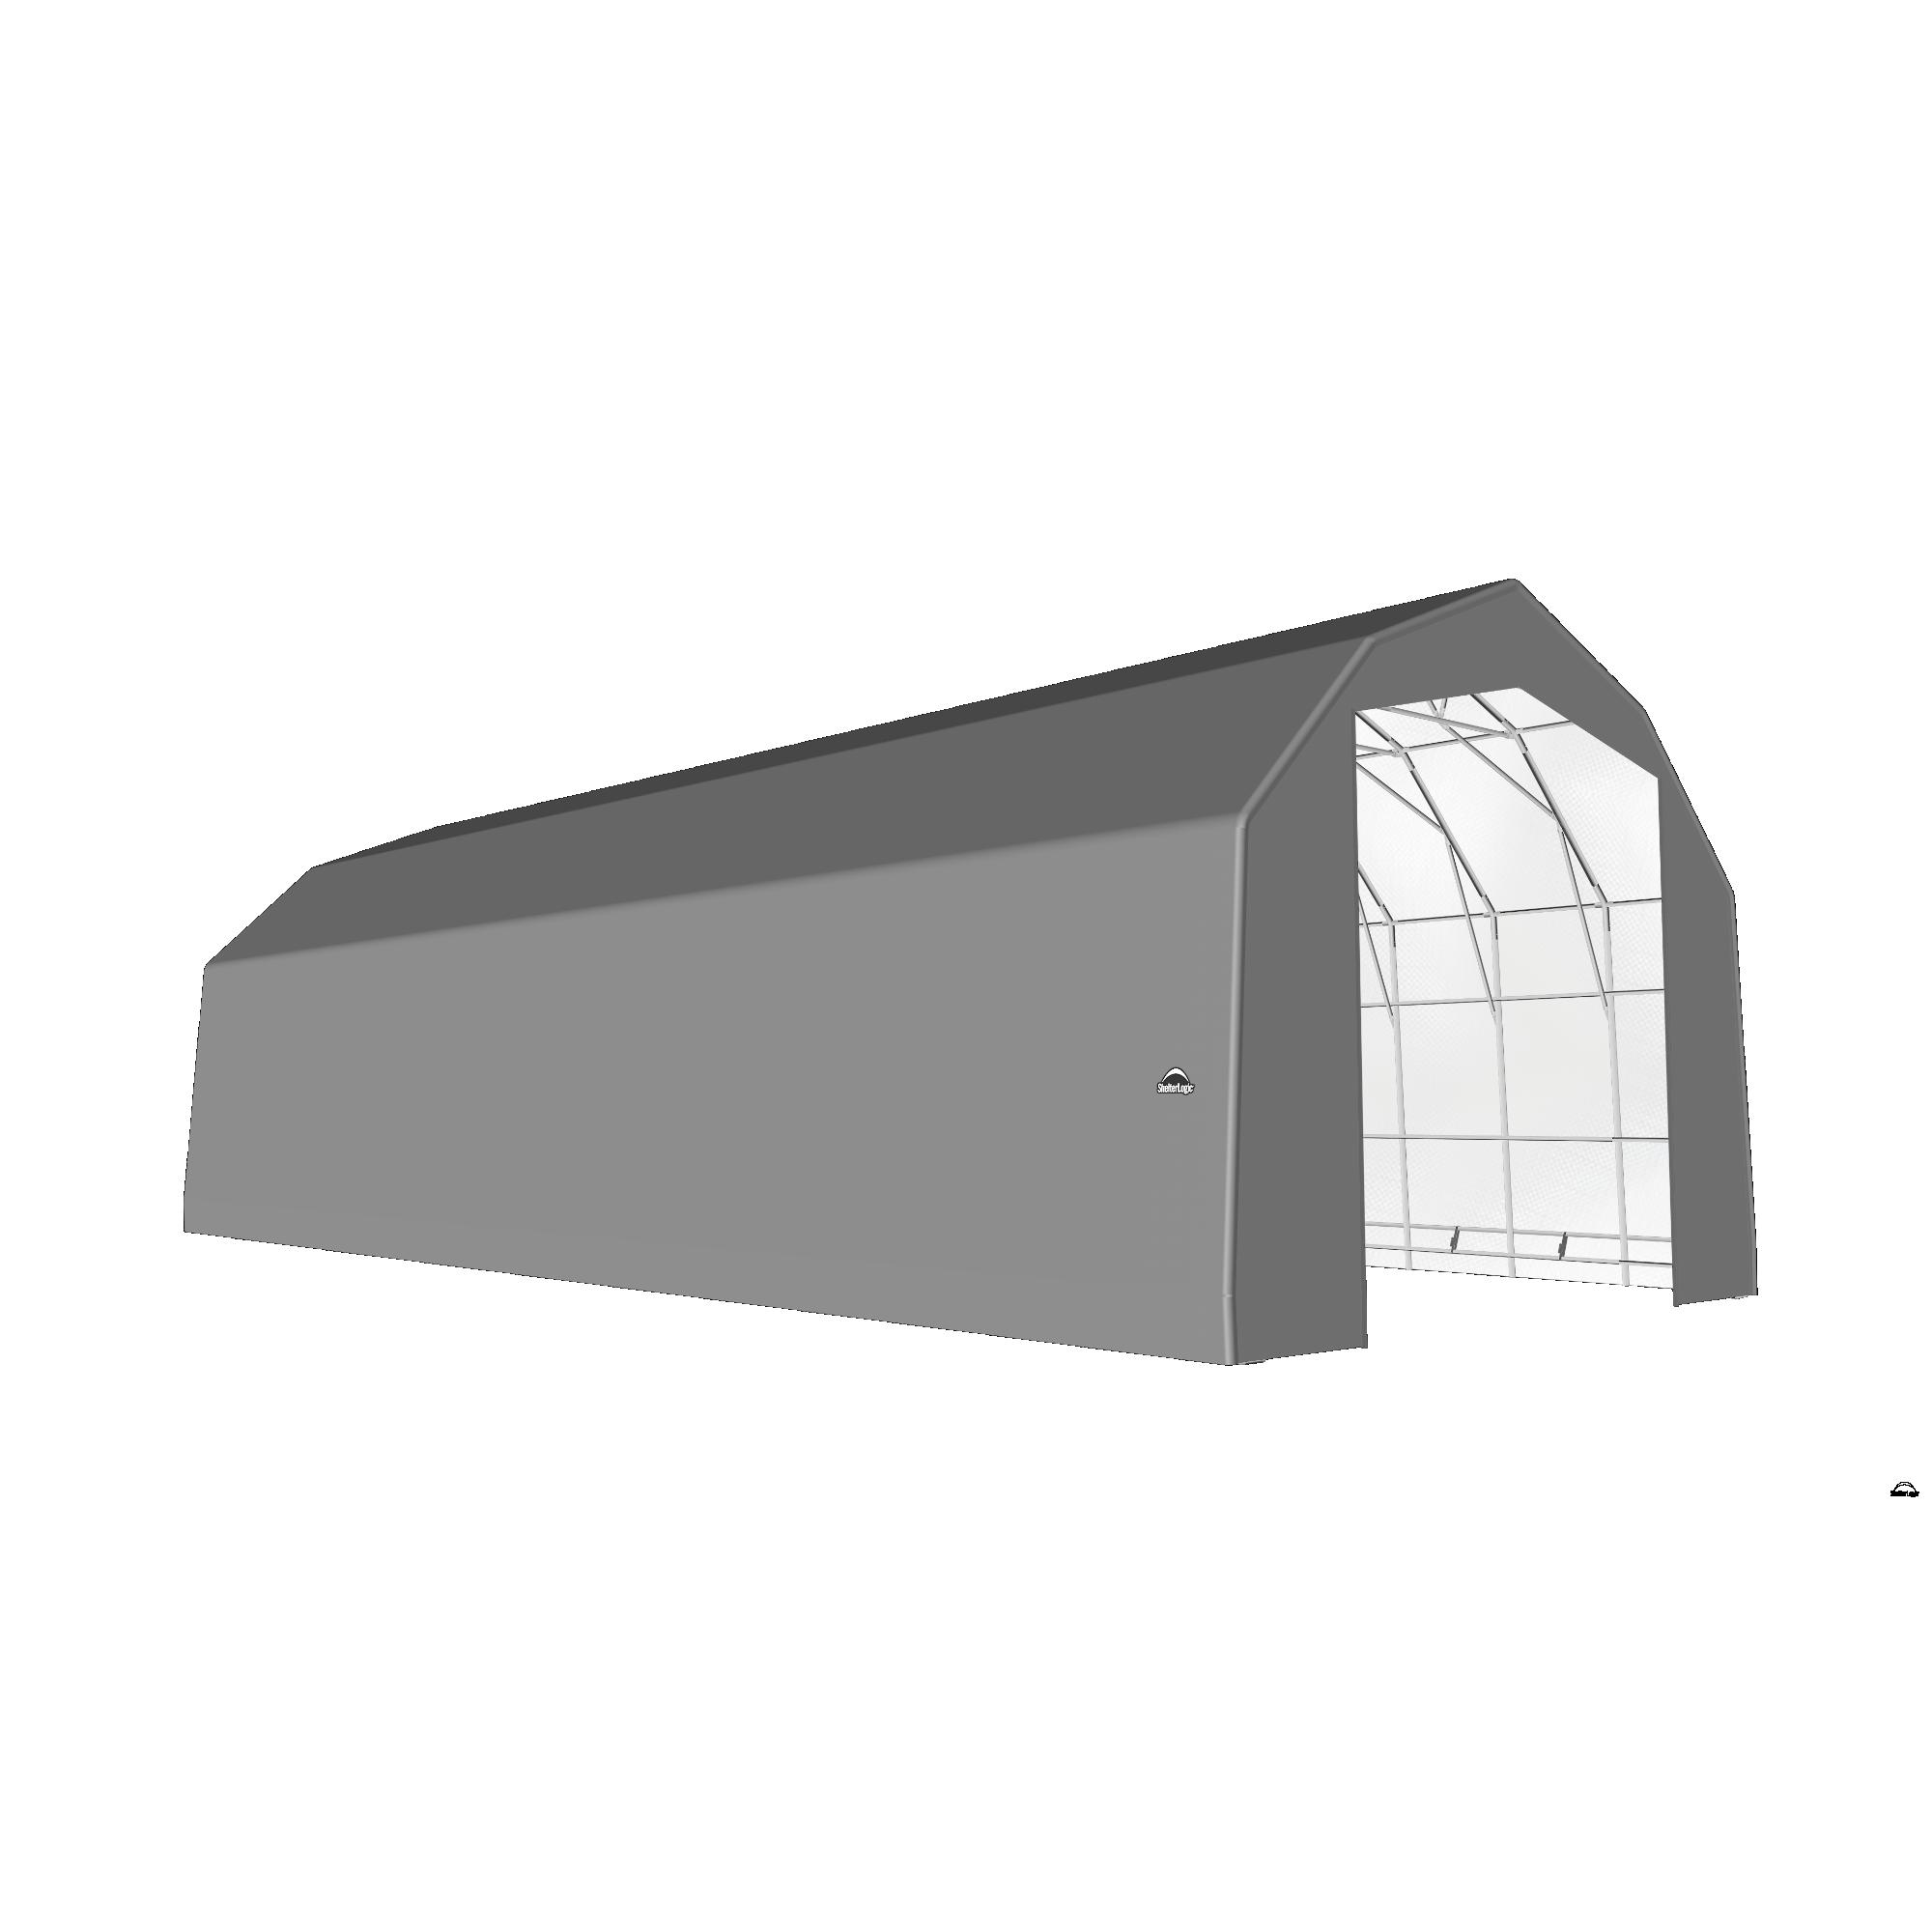 SP Barn 25X60X20 Gray 14 oz PE Shelter